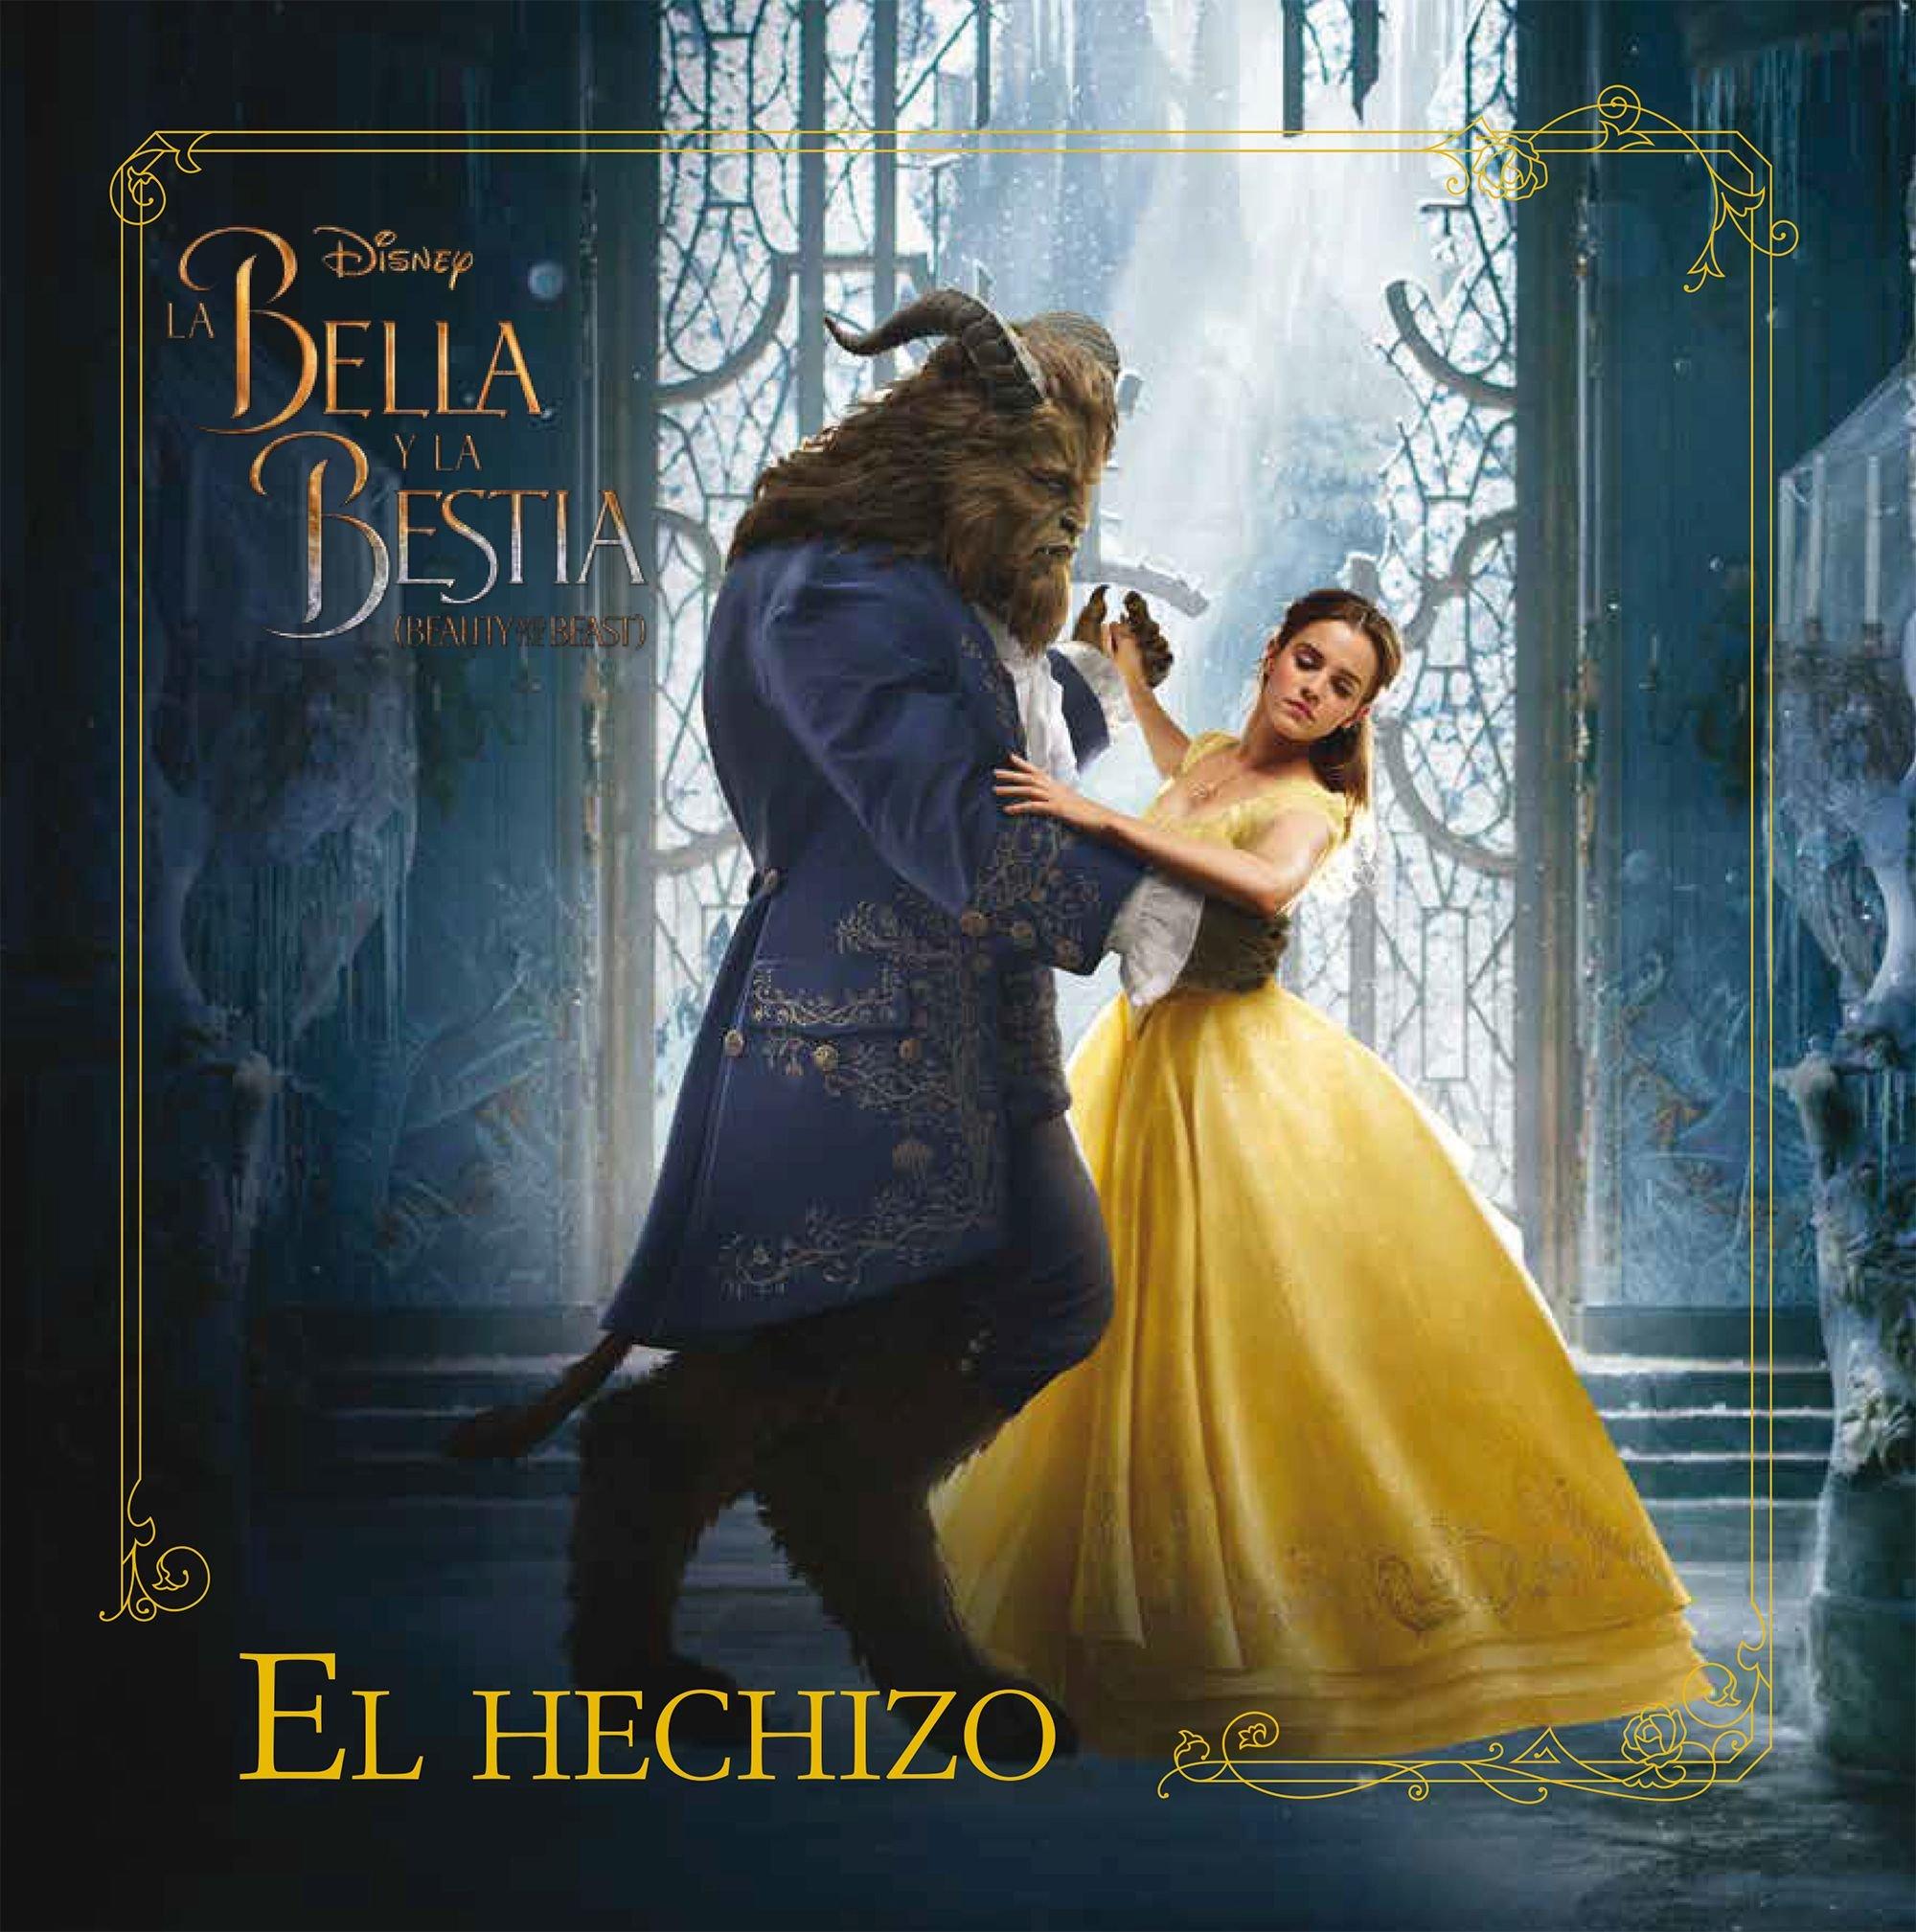 La Bella Y El Cuento Disney Hechizo Bestia aarqCZw